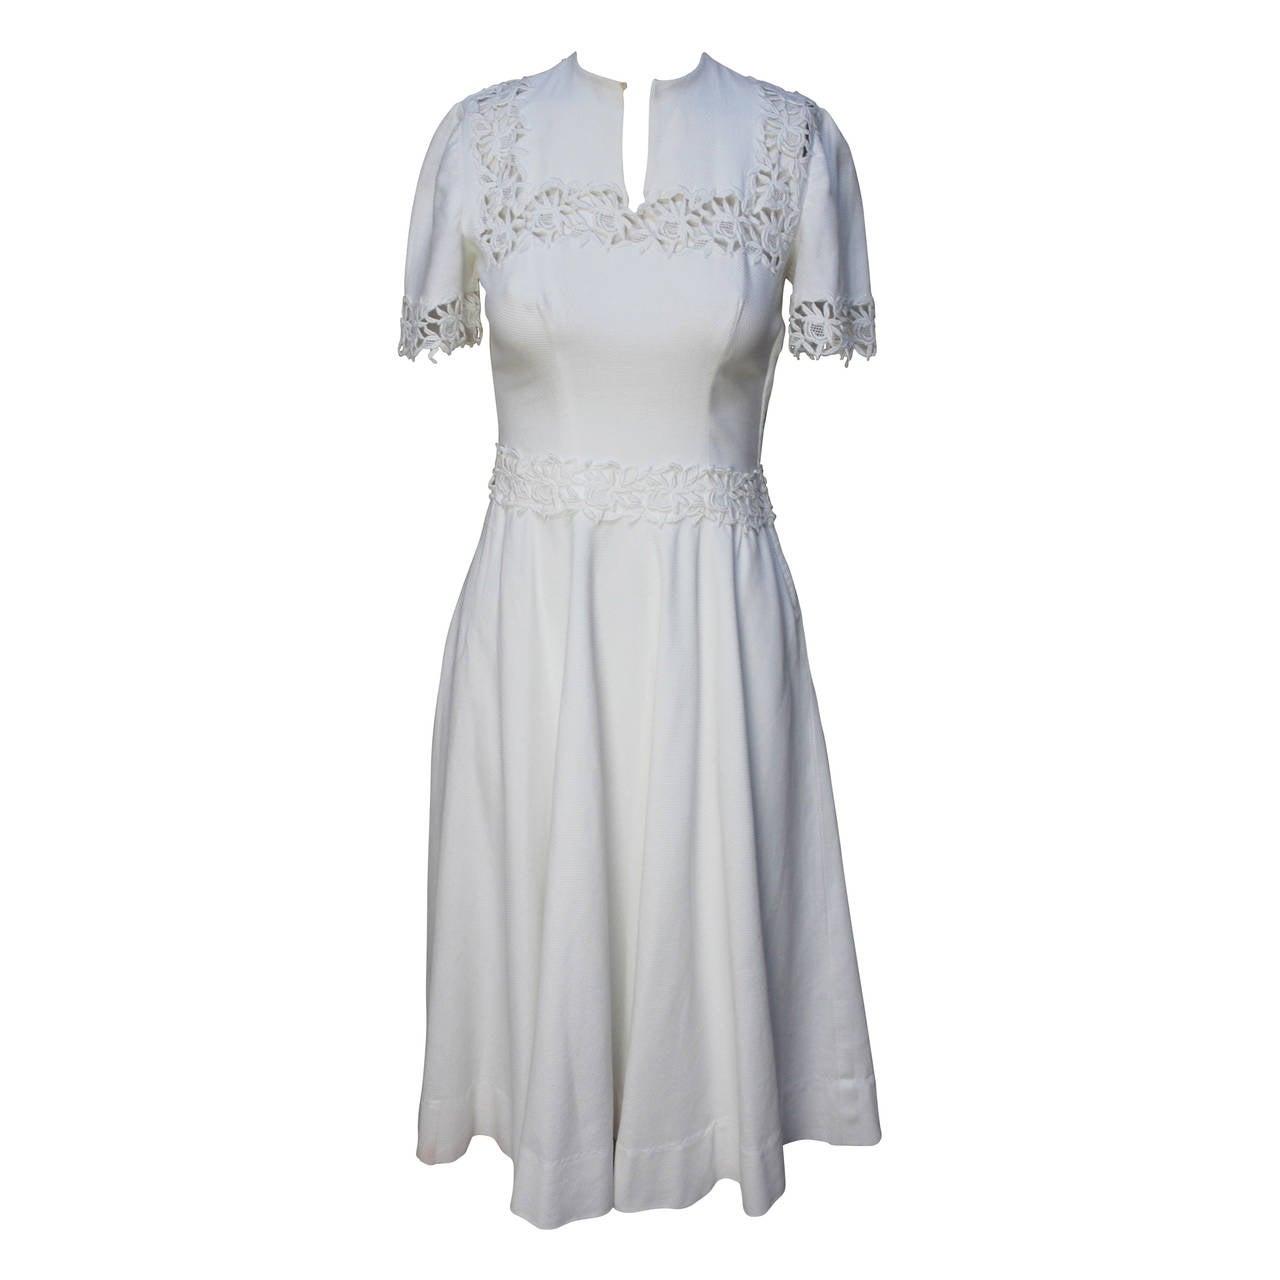 1940s/1950s Lawn Party White Pique Dress 1